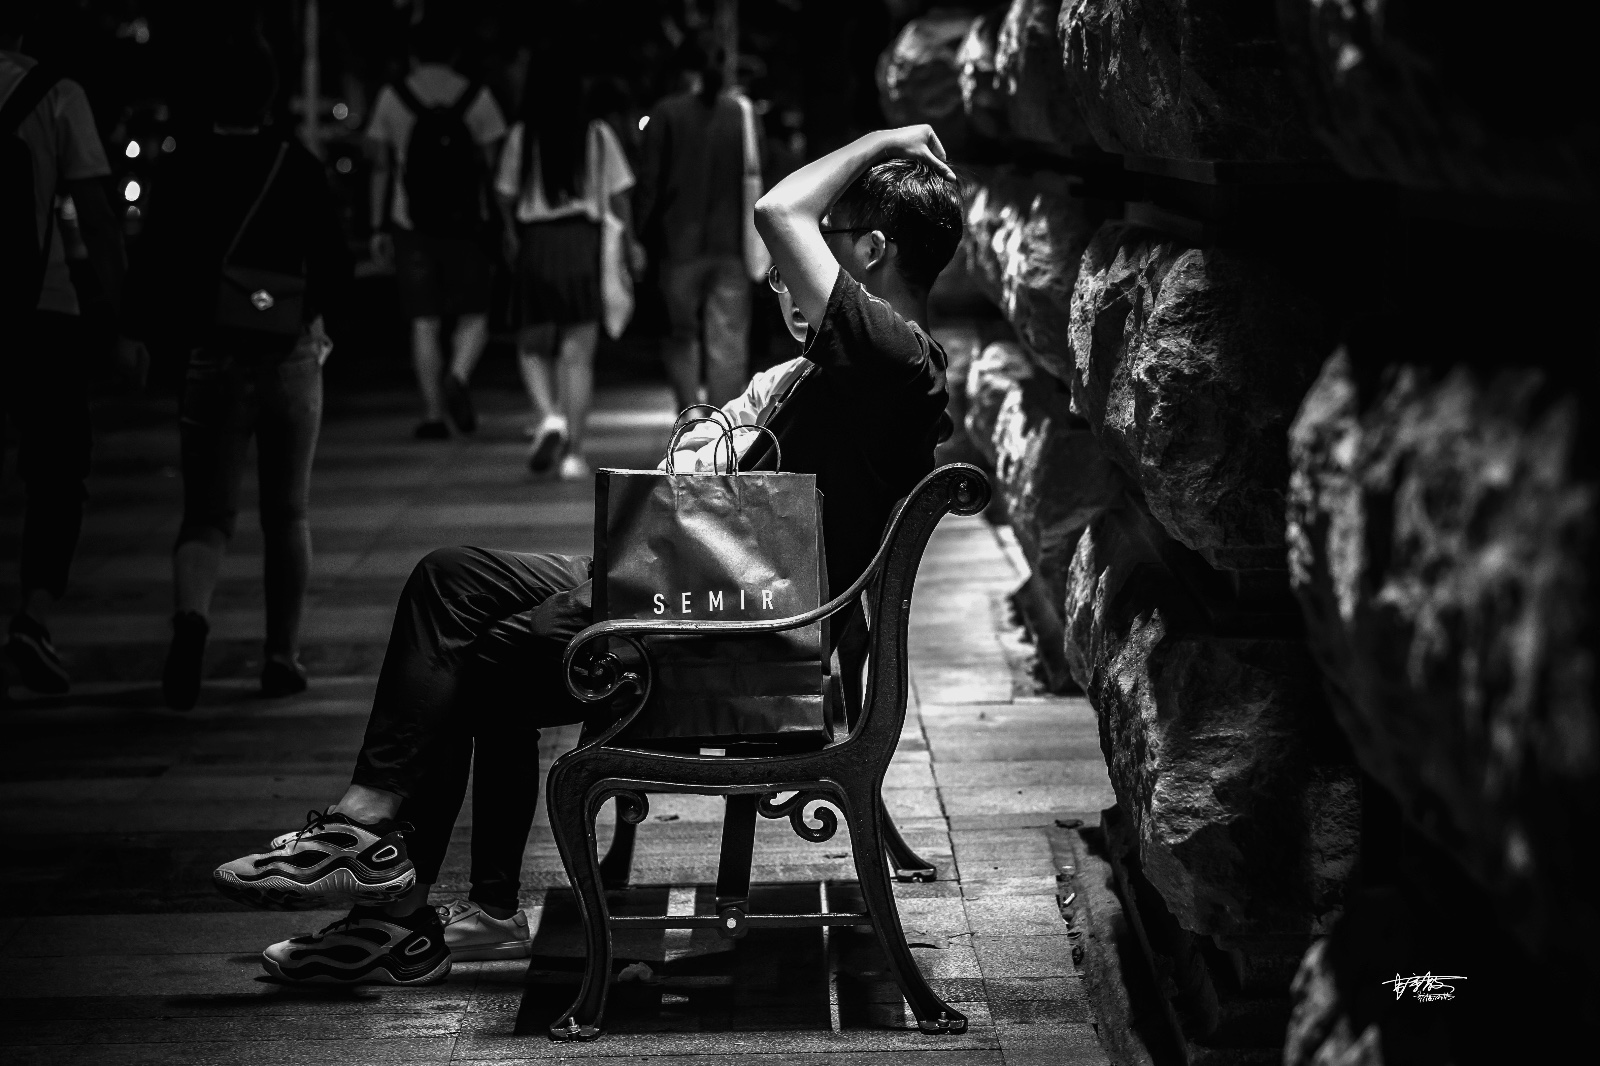 【年末去哪玩】全国101座长江大桥,独爱这座城的夜生活